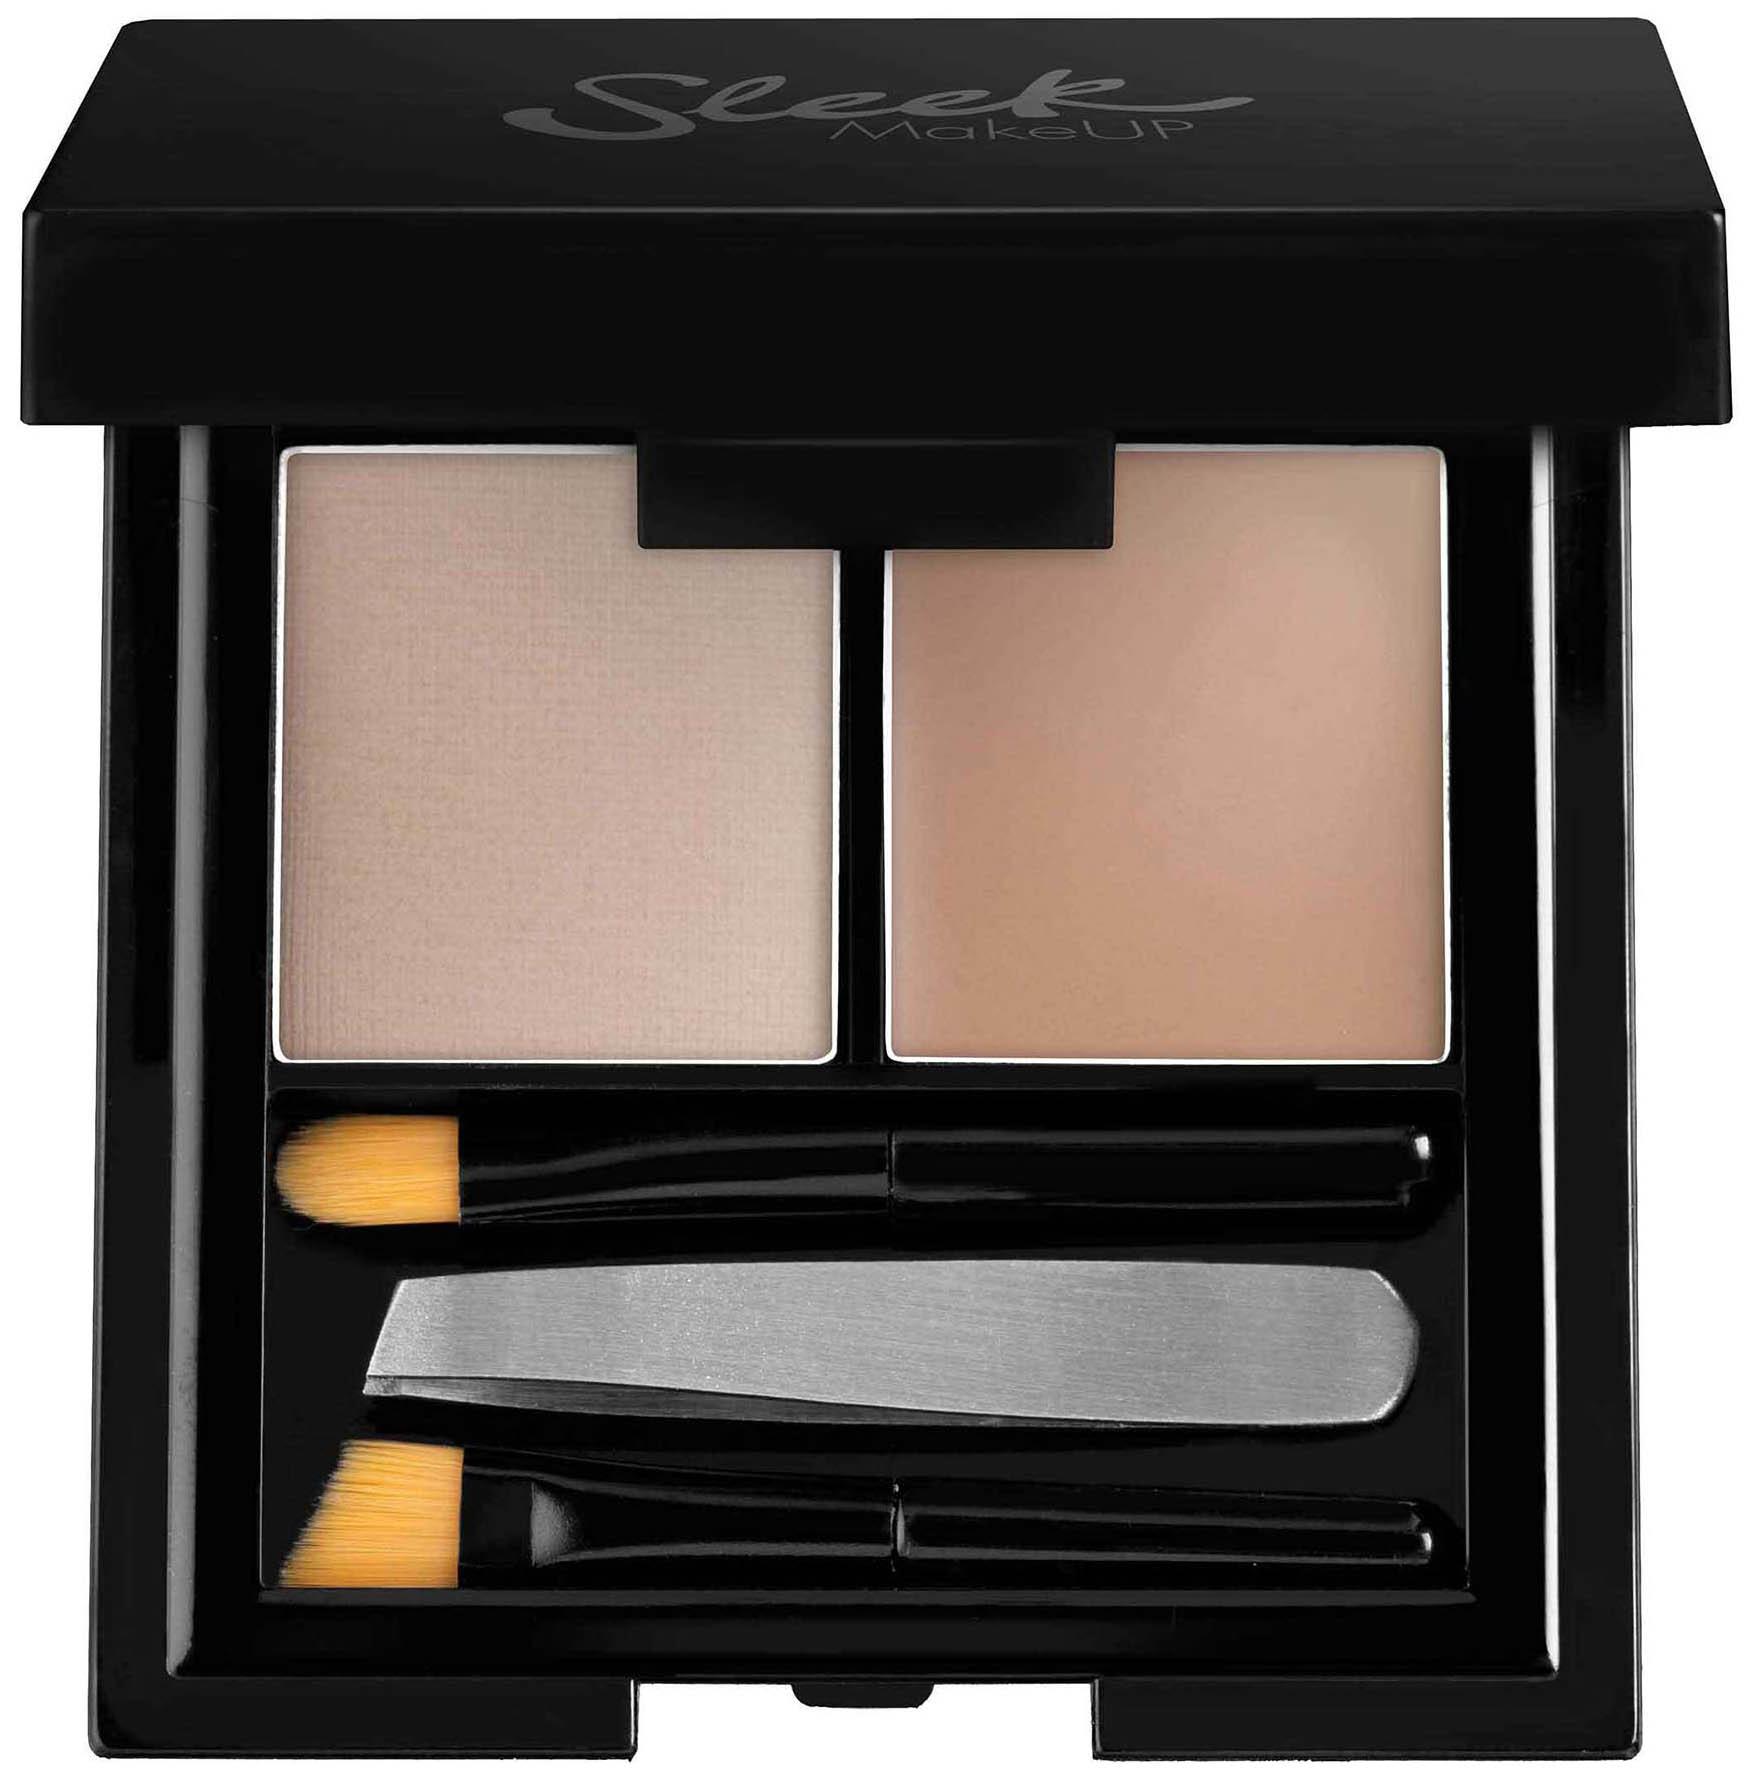 Тени для бровей Sleek MakeUP Brow Kit Light